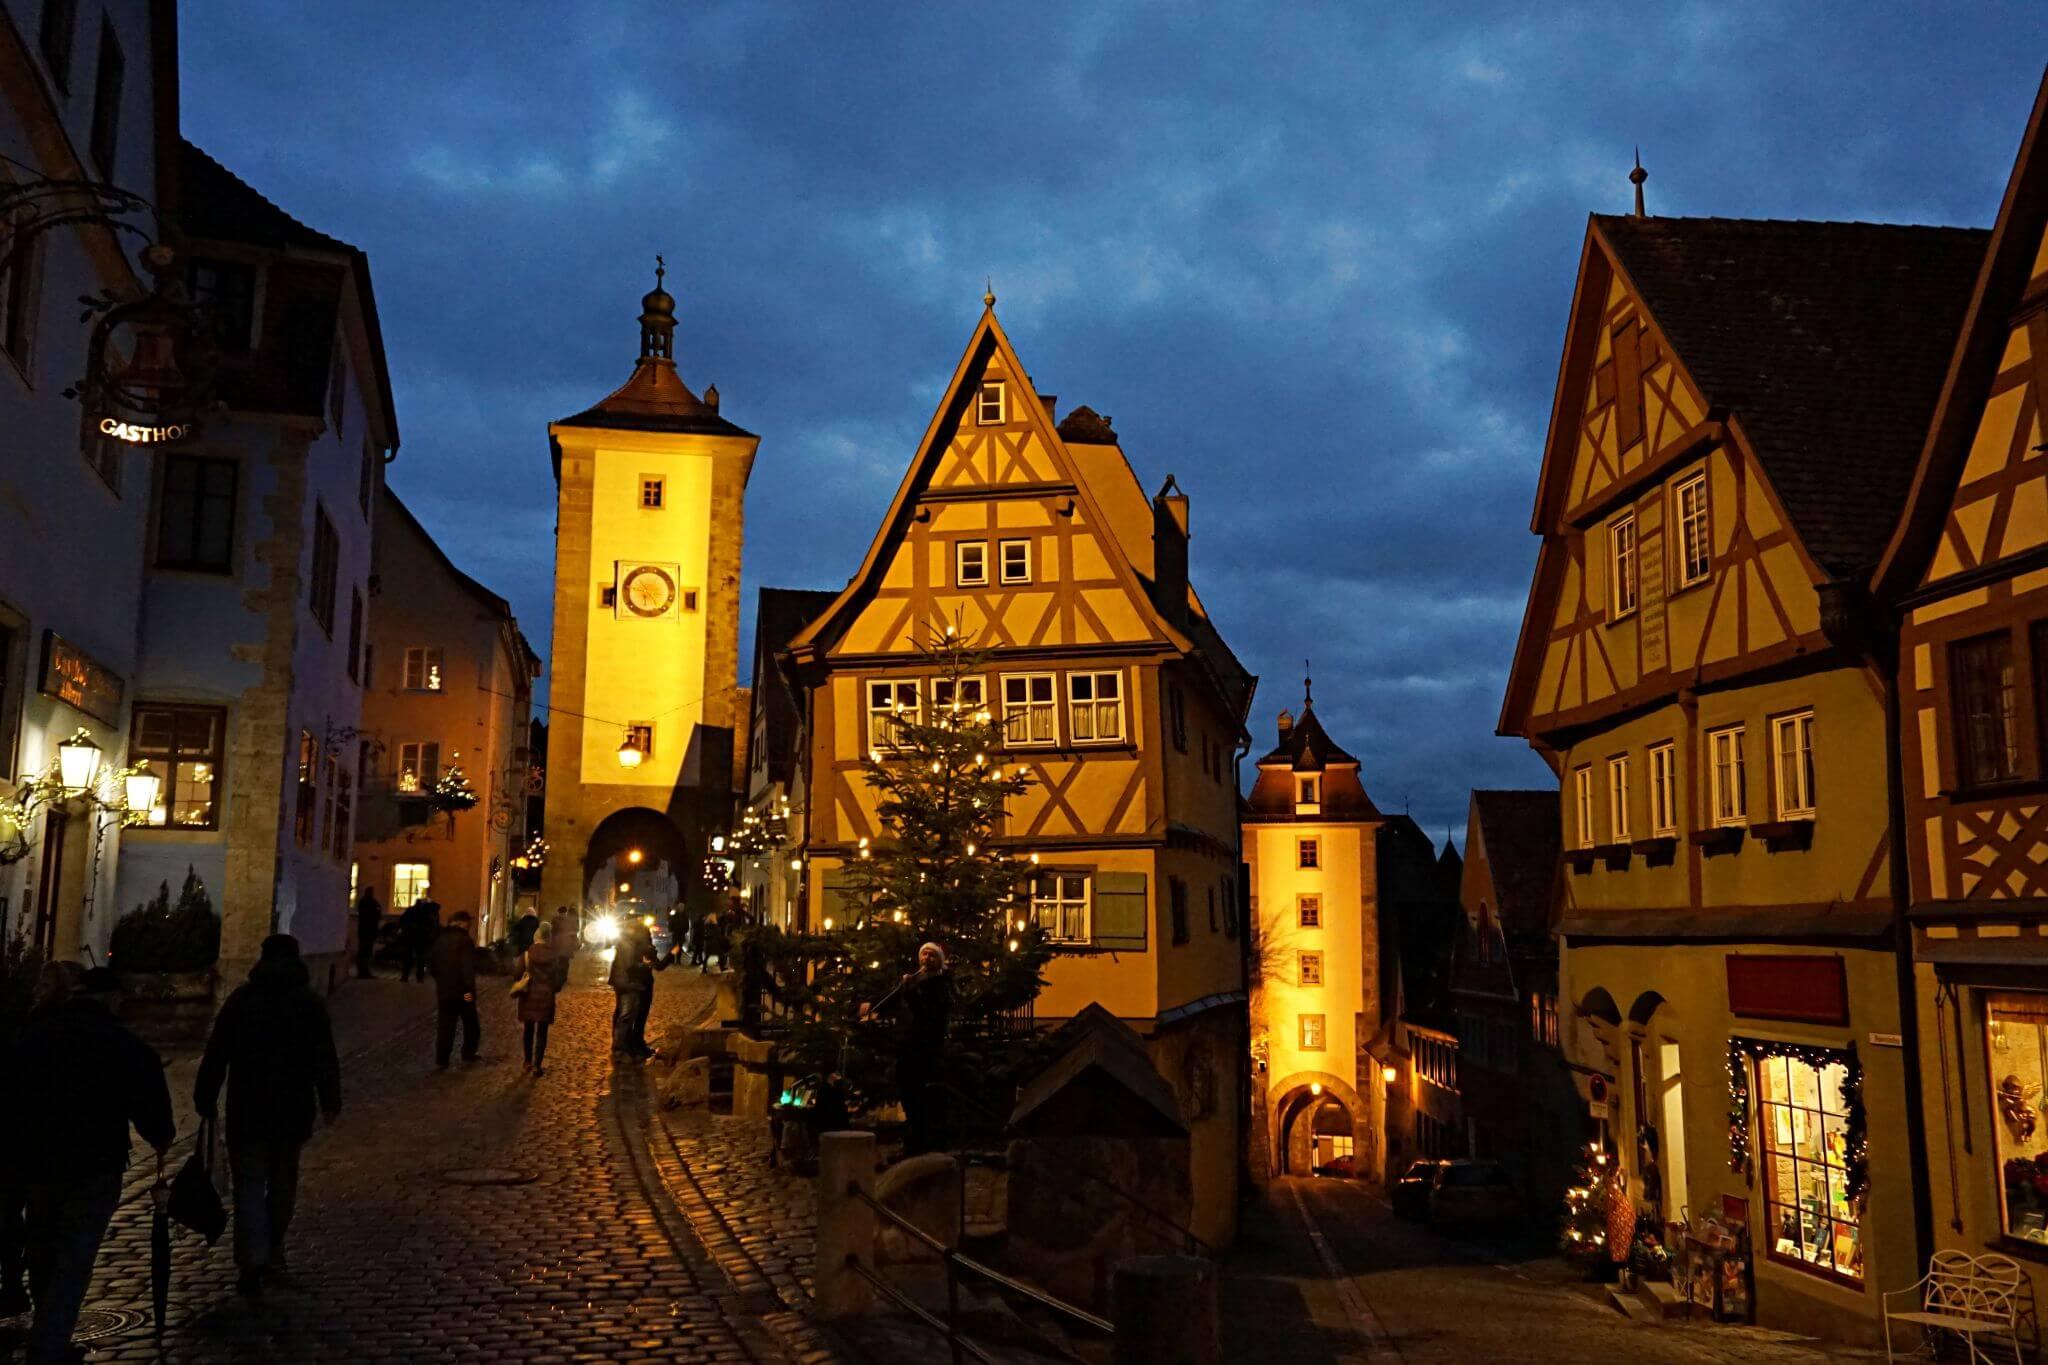 Rothenburg en Navidad